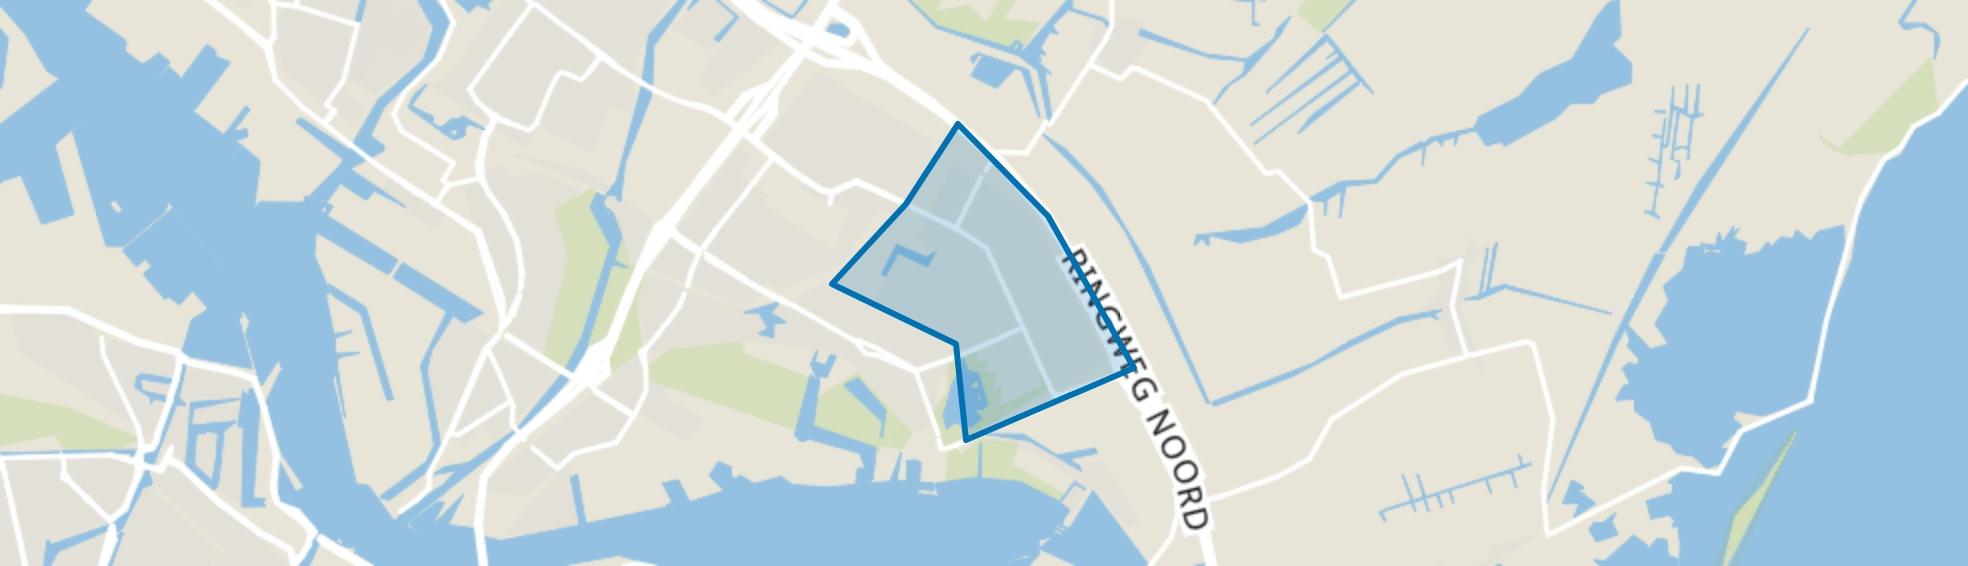 Waterlandpleinbuurt, Amsterdam map